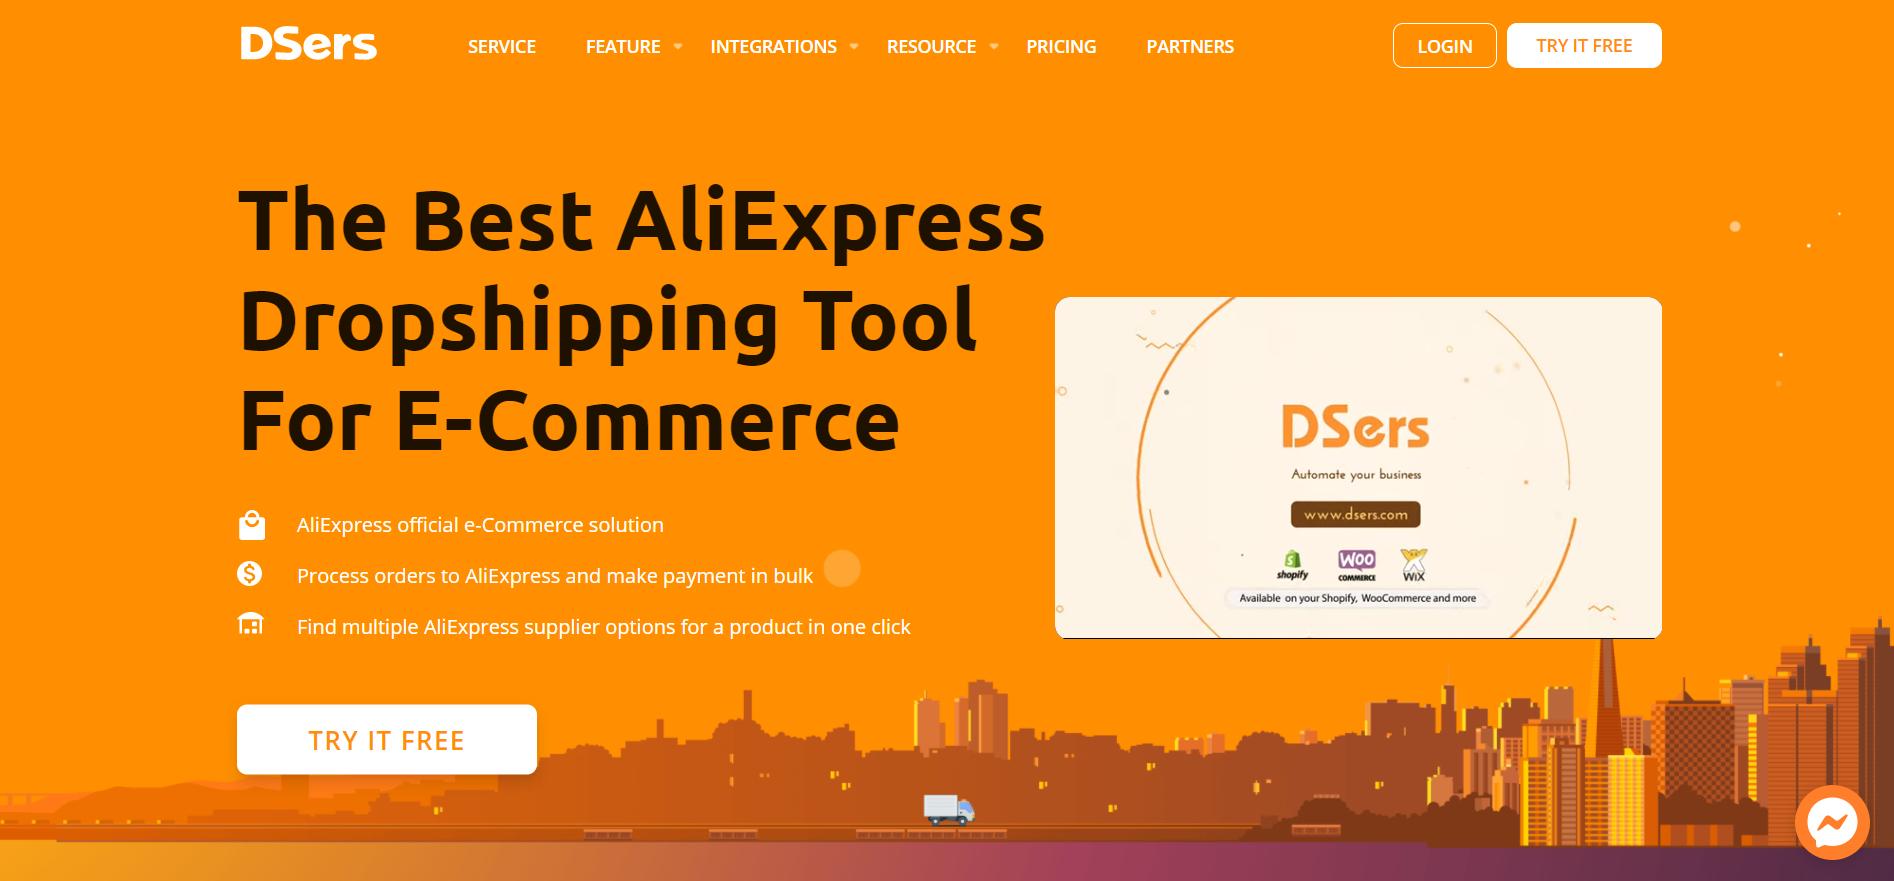 DSers Homepage - DSers